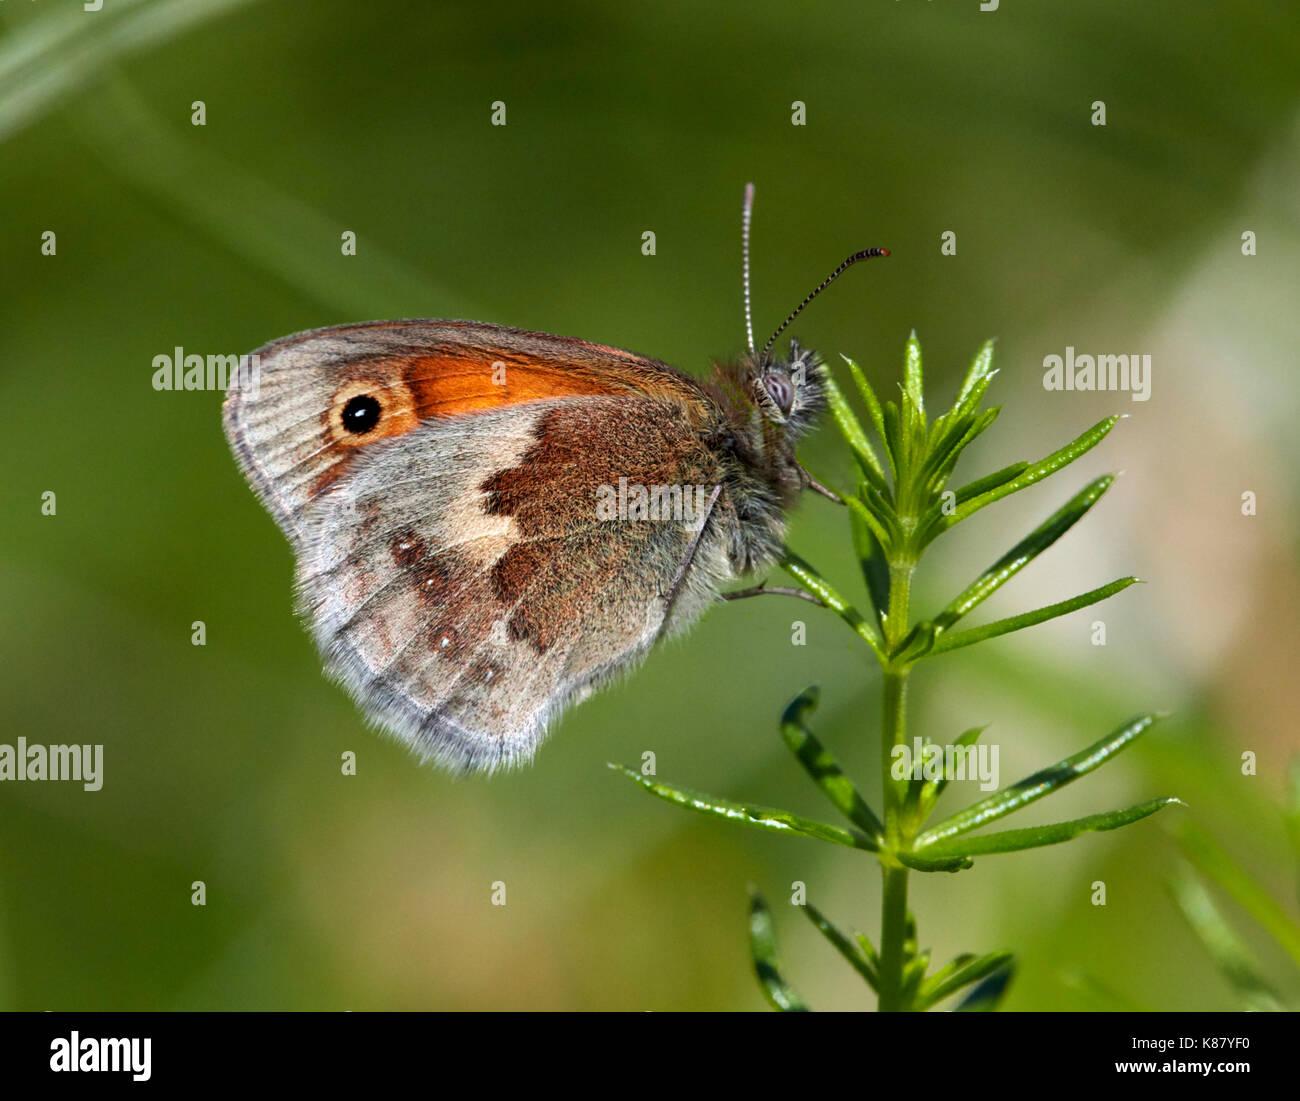 Small Heath butterfly arroccato su lady's bedstraw. hurst prati, East Molesey, surrey, Regno Unito. Immagini Stock